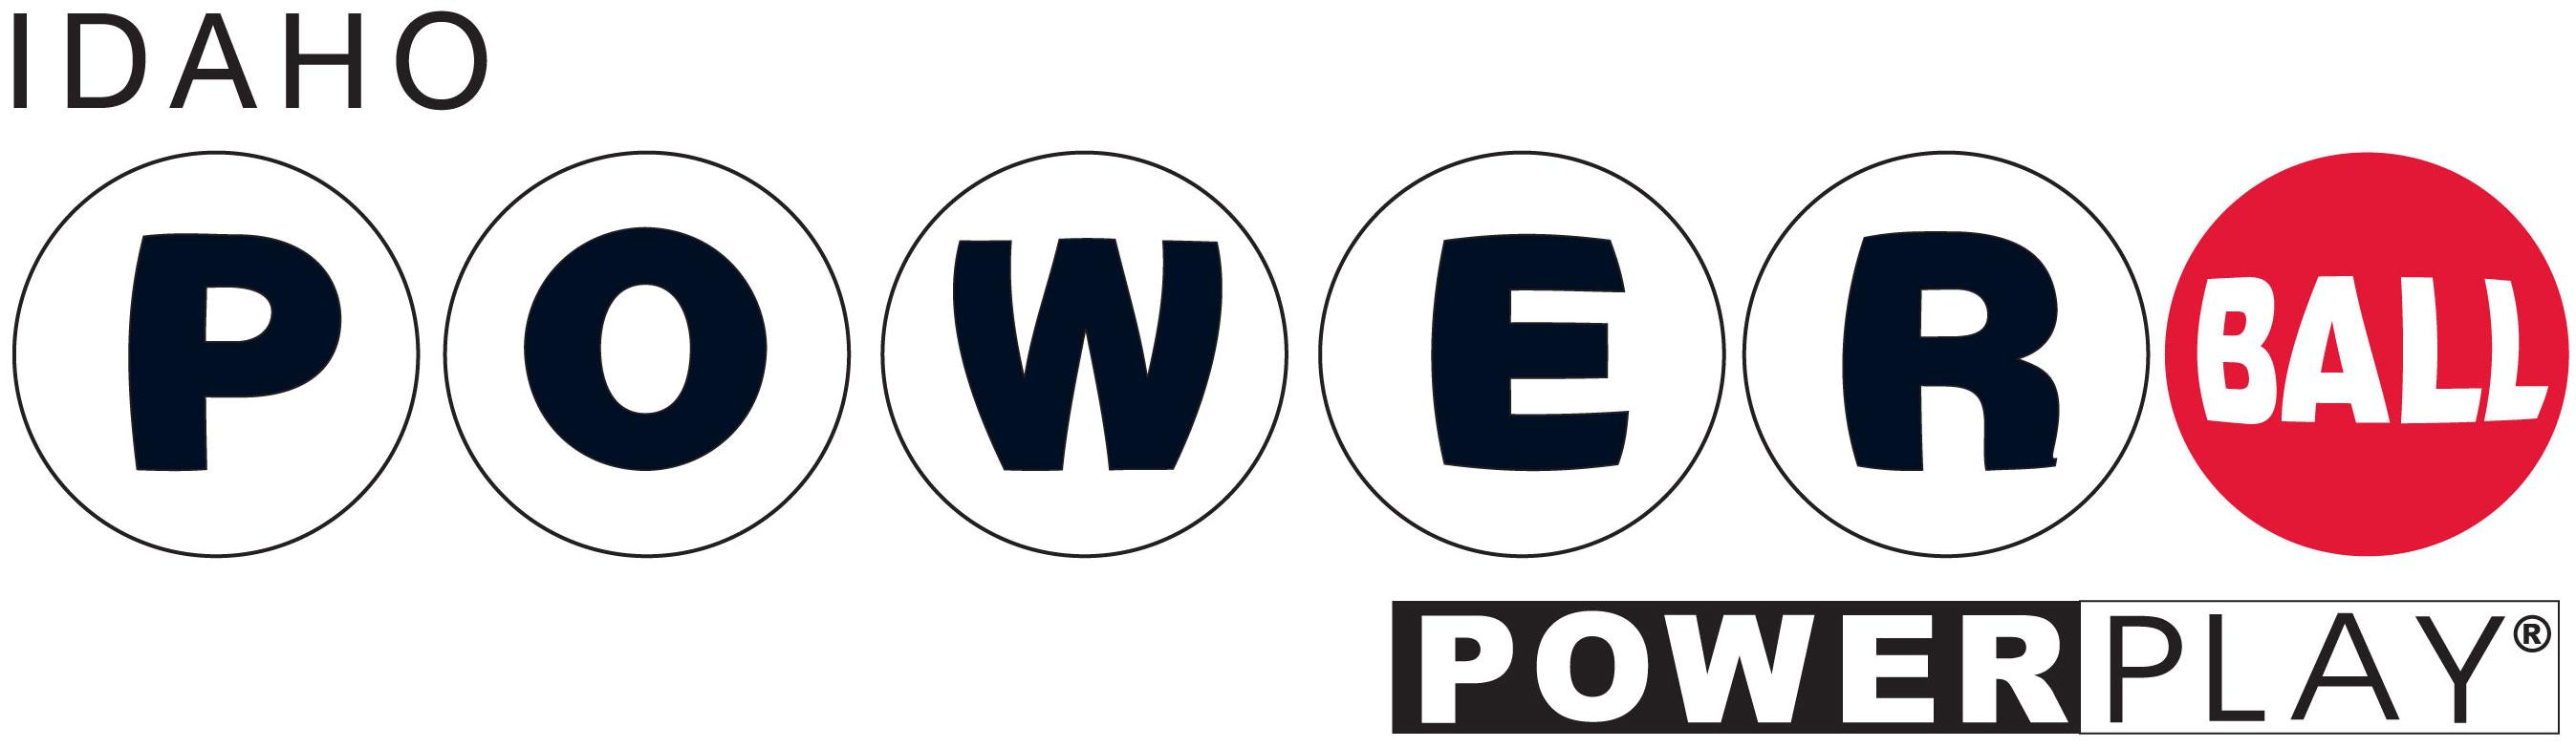 Idaho Powerball Logo